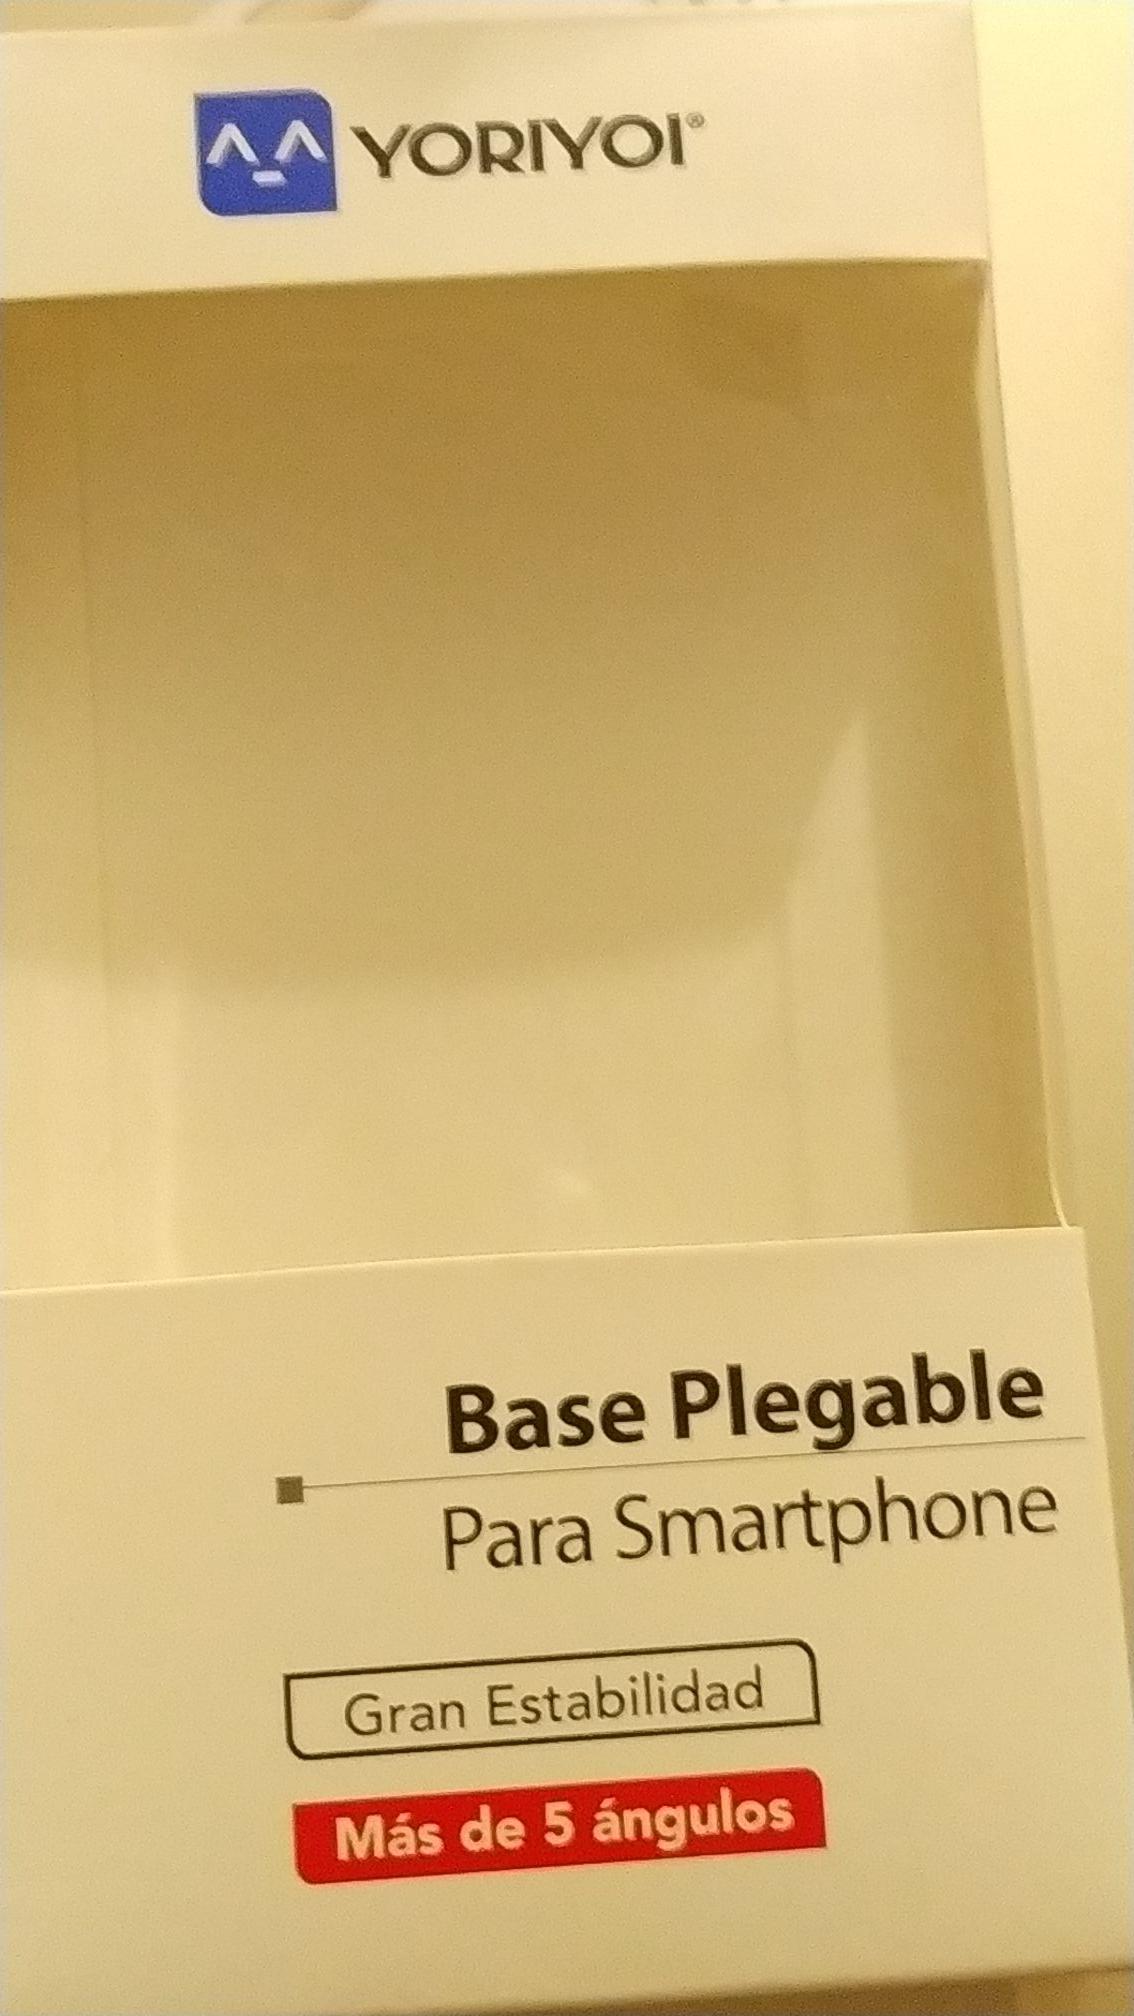 BODEGA AURRERA: YORIYOI base plegable para smartphone